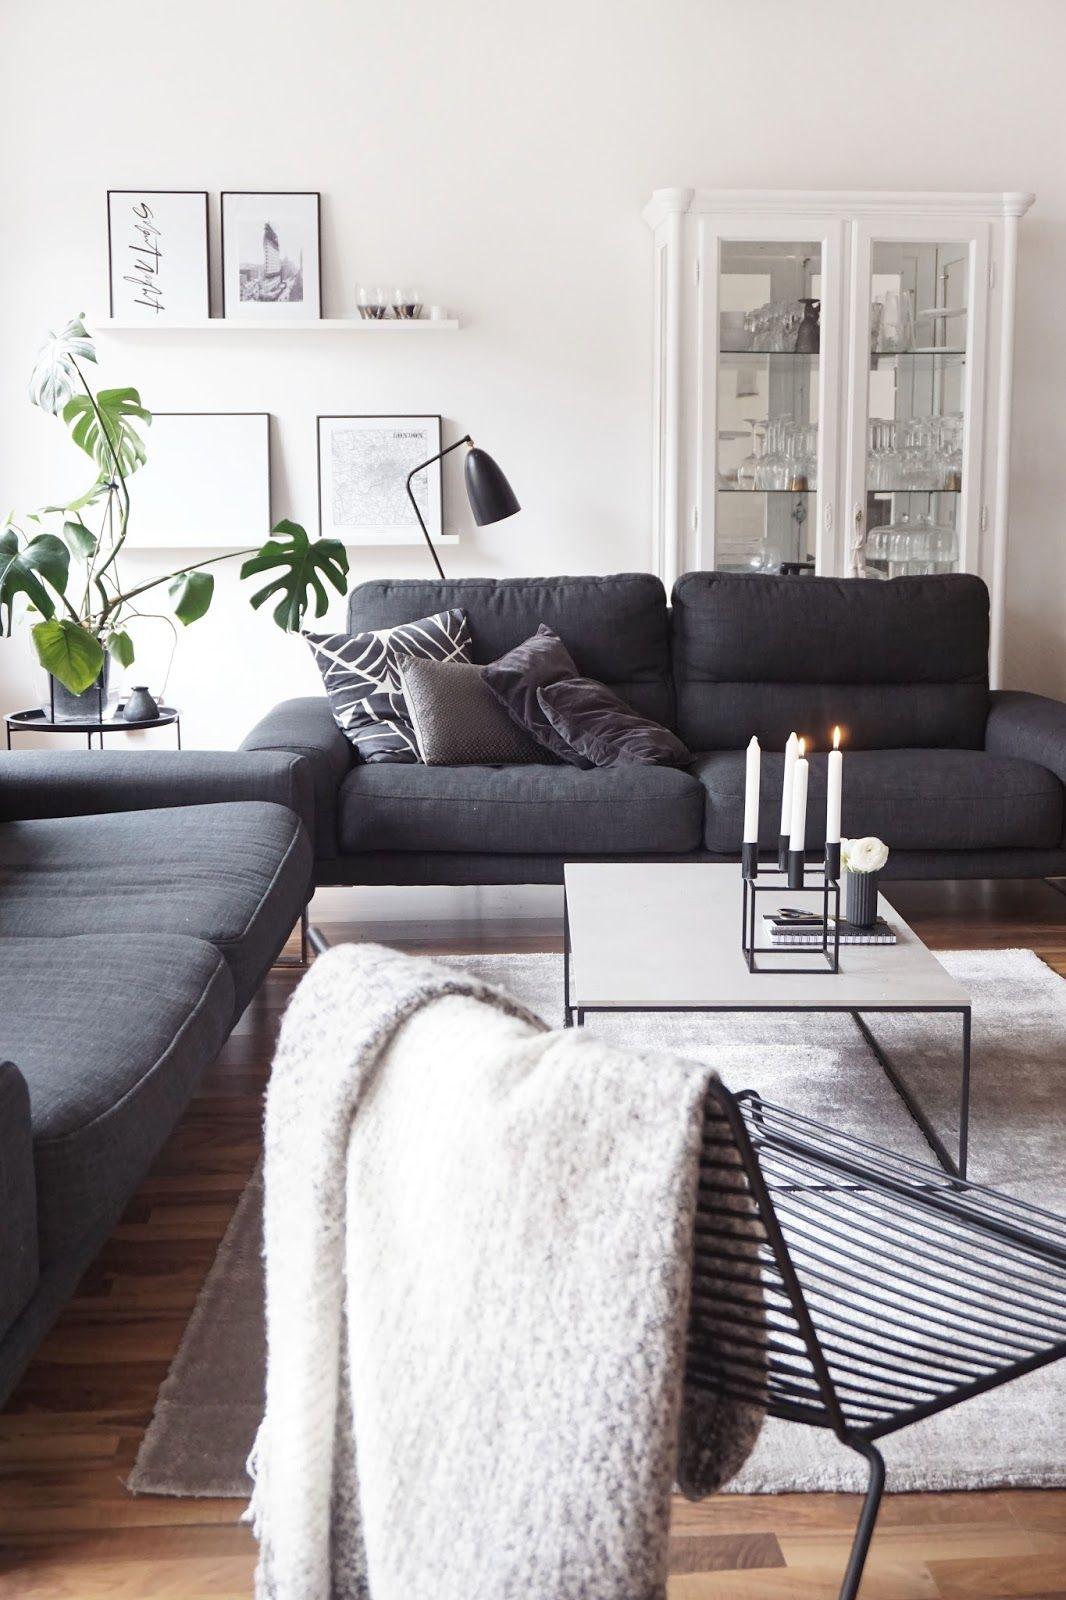 neues lieblingsst ck eingetroffen und was meine m nner so von design halten in 2018 wohnen. Black Bedroom Furniture Sets. Home Design Ideas